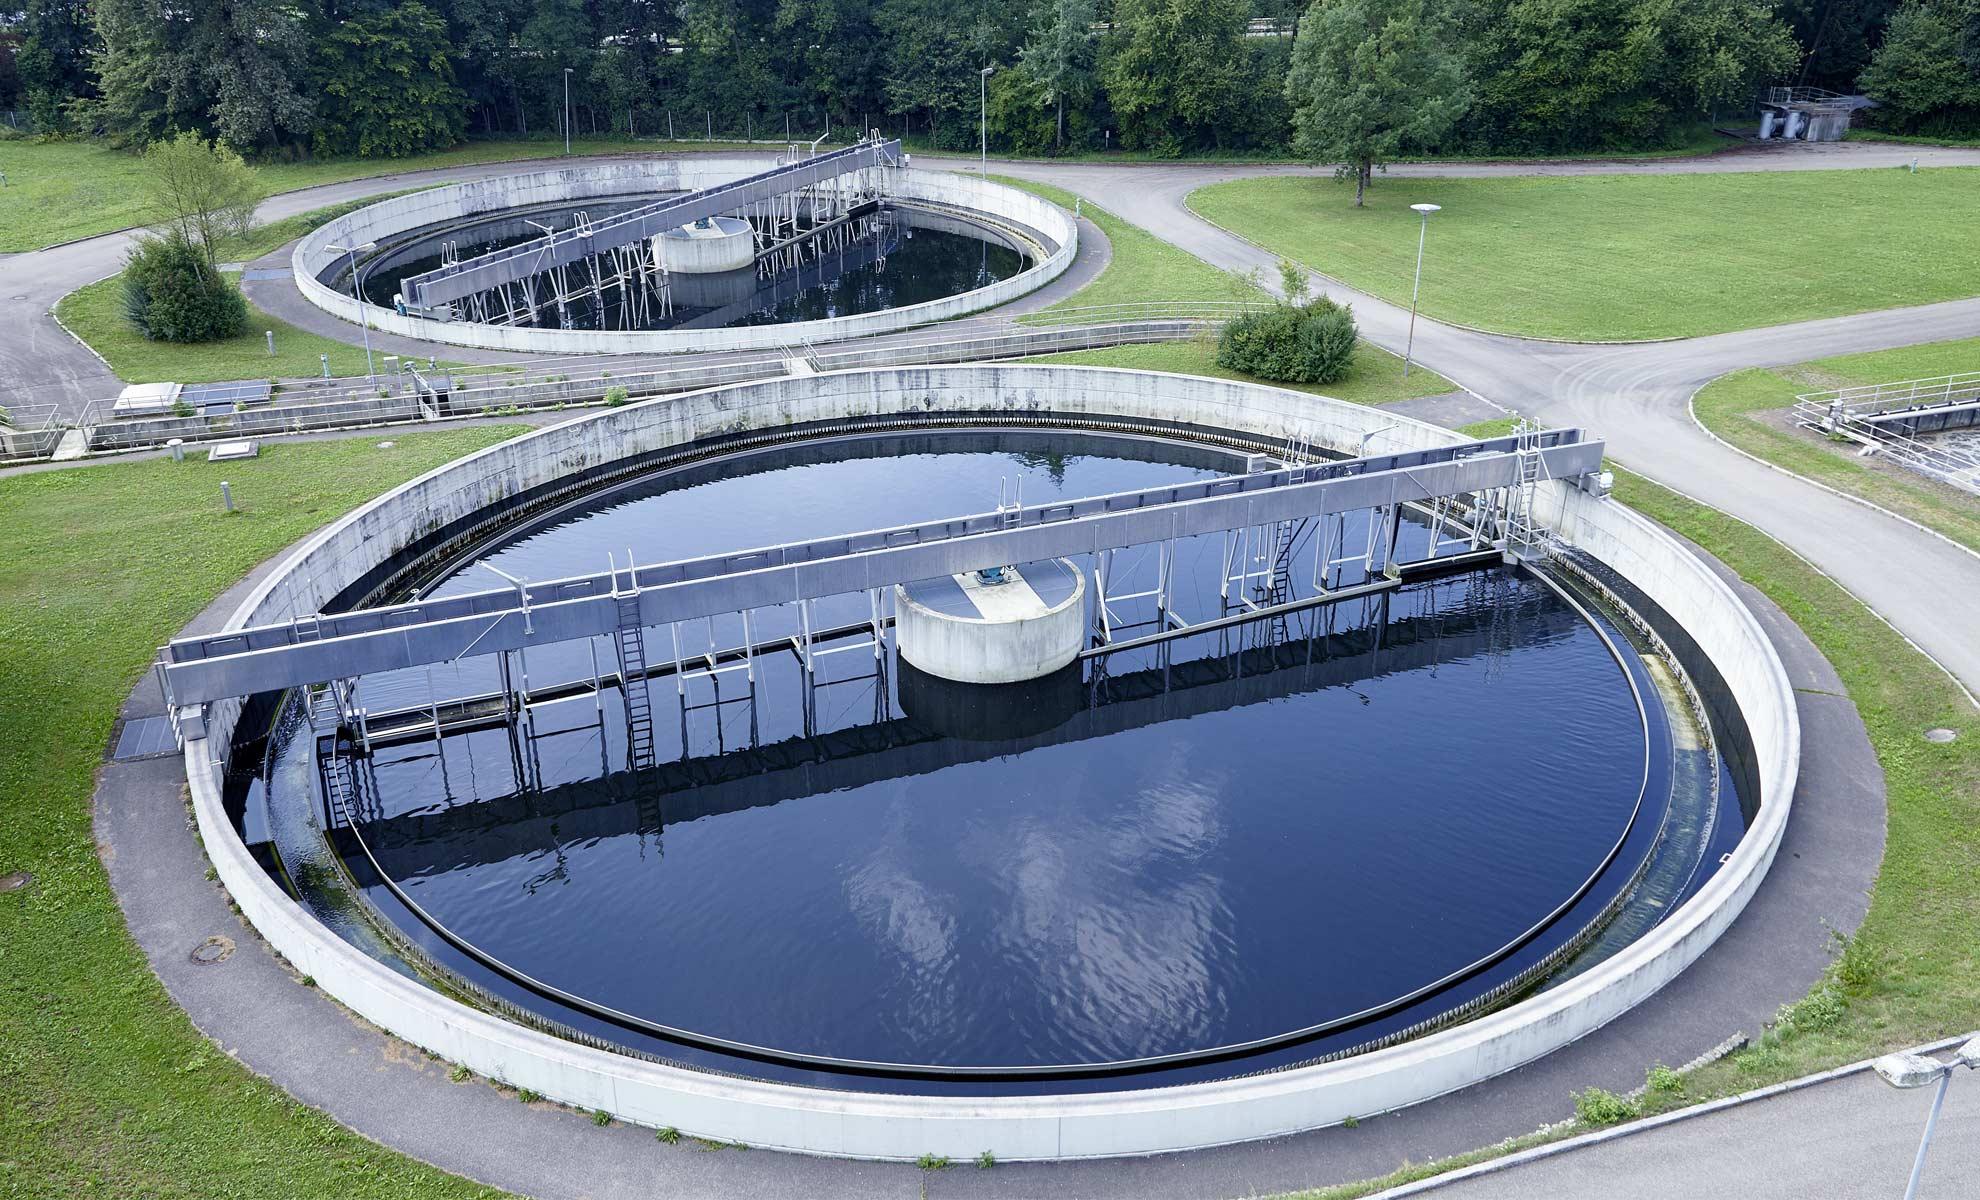 النفايات الزراعية علاج للتلوث الكيميائي للمياه!